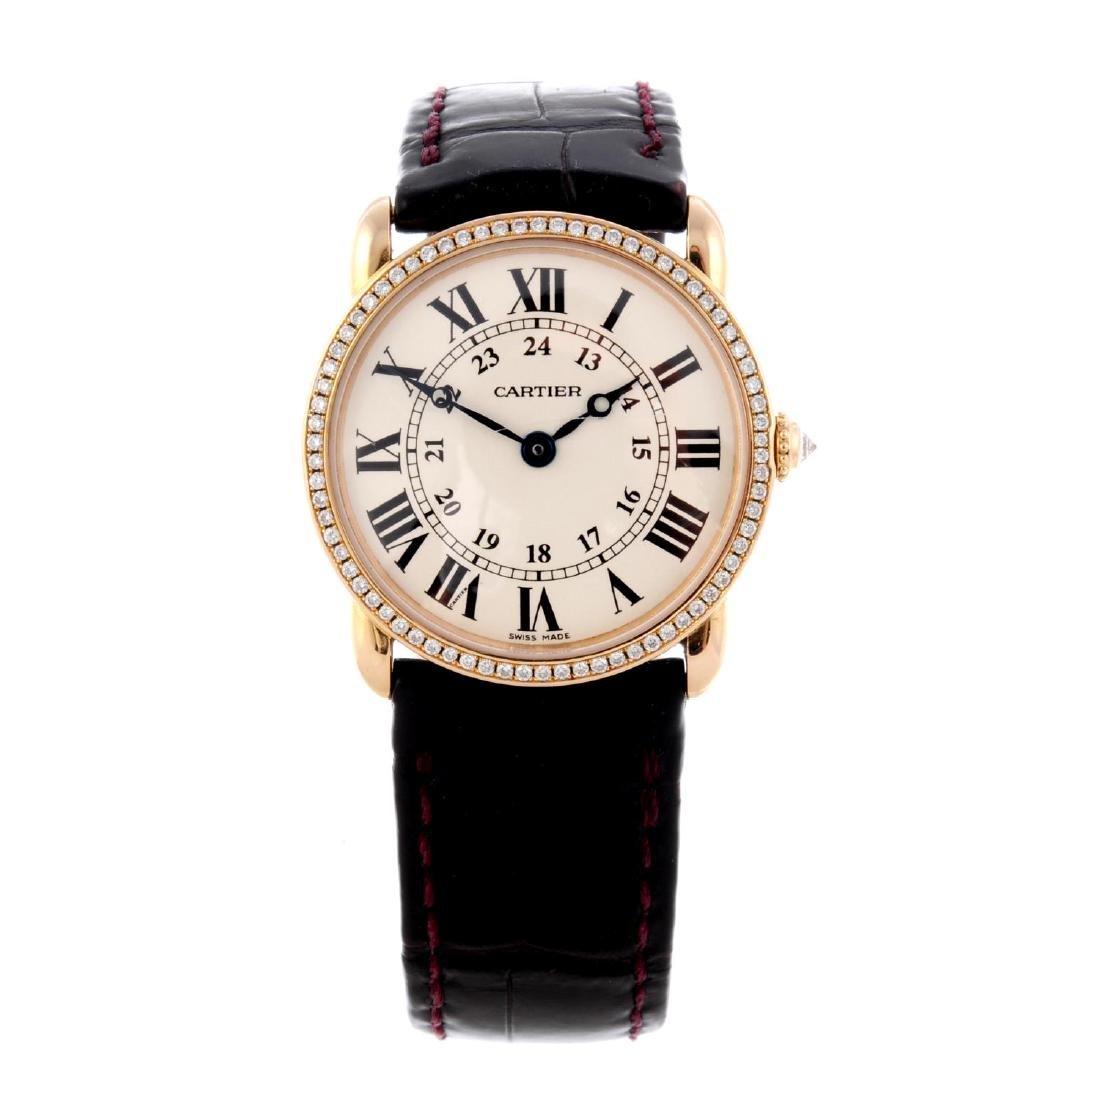 CARTIER - a Ronde Louis Cartier wrist watch. 18ct